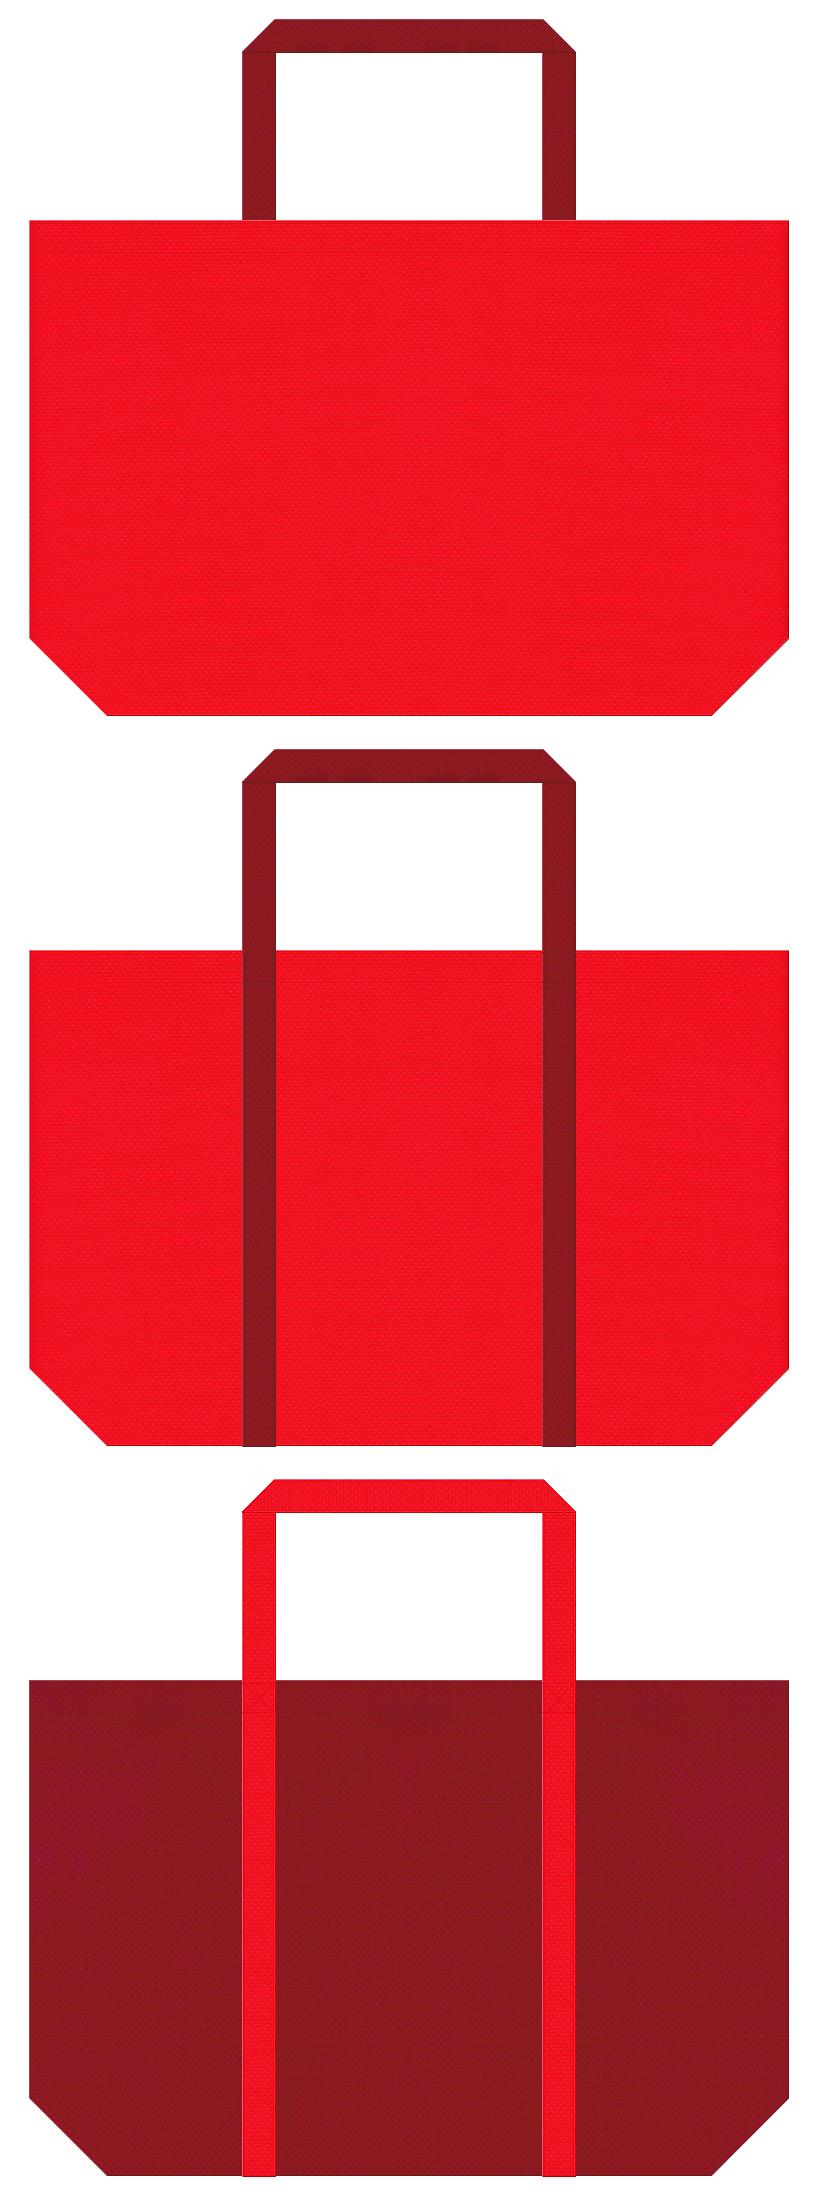 赤色とエンジ色の不織布ショッピングバッグデザイン。クリスマスのショッピングバッグ・福袋にお奨めです。